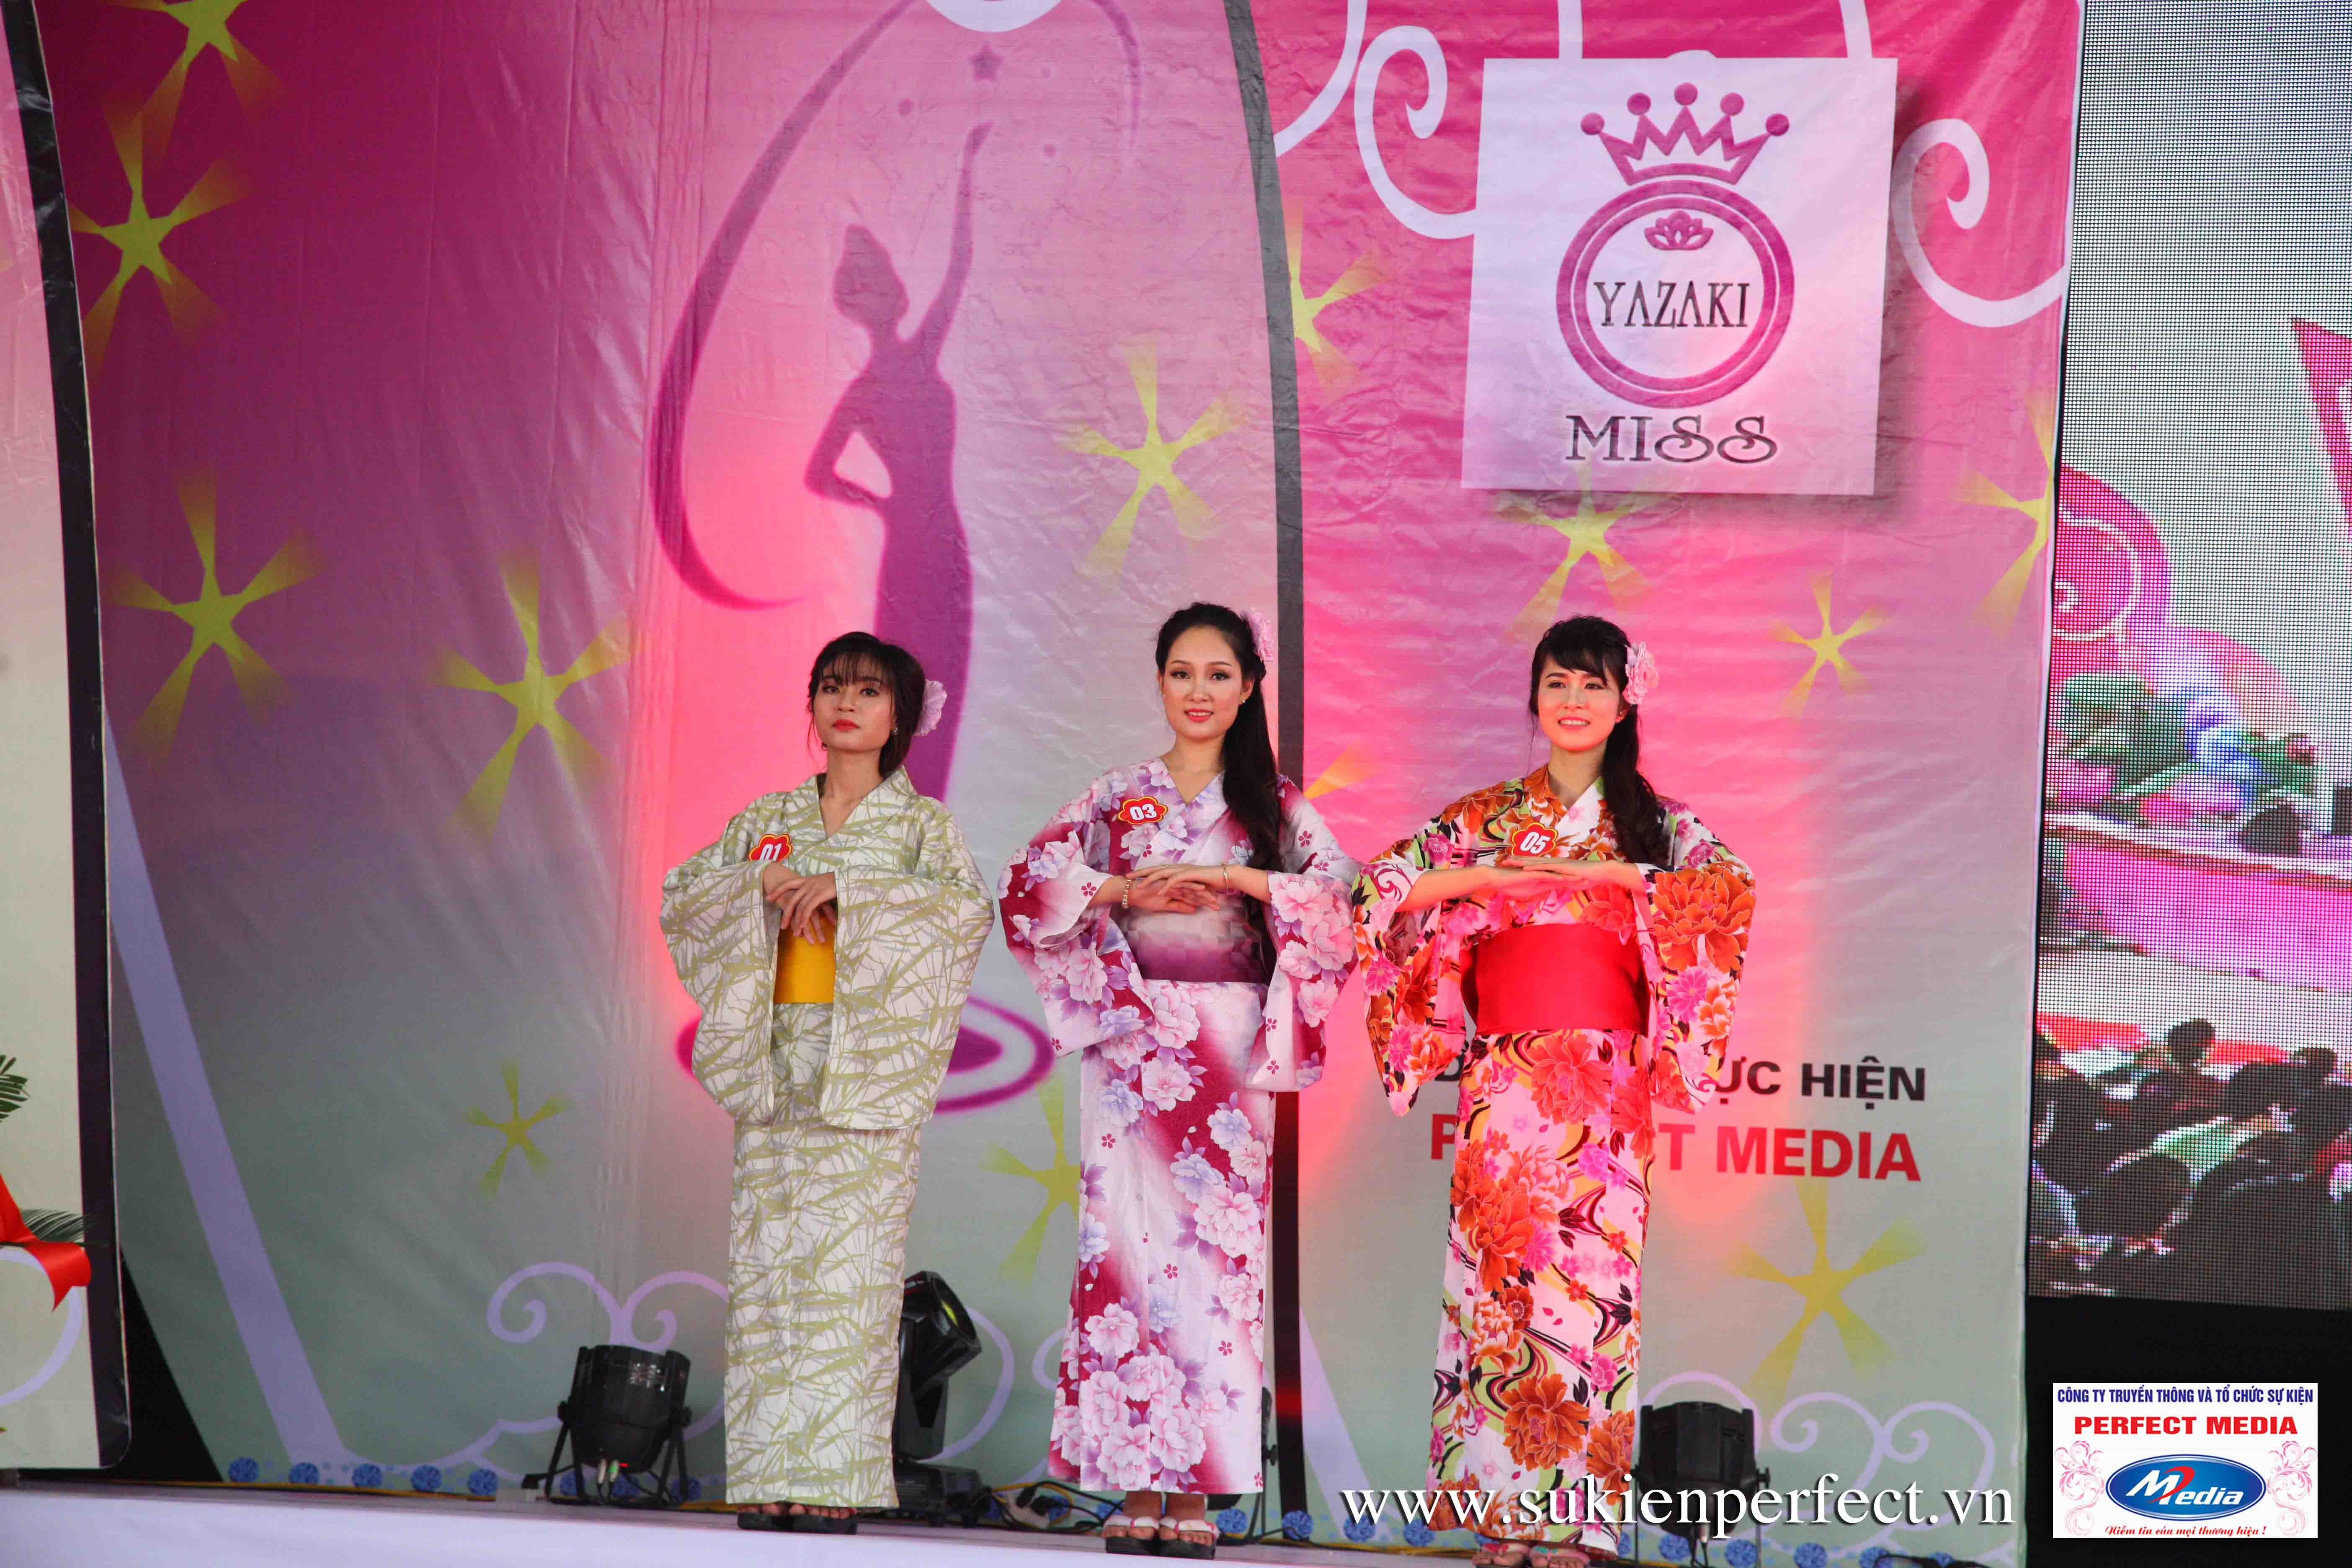 Hình ảnh các thí sinh trong trang phục Kimono - Người đẹp Yazaki Quảng Ninh 2016 - 08